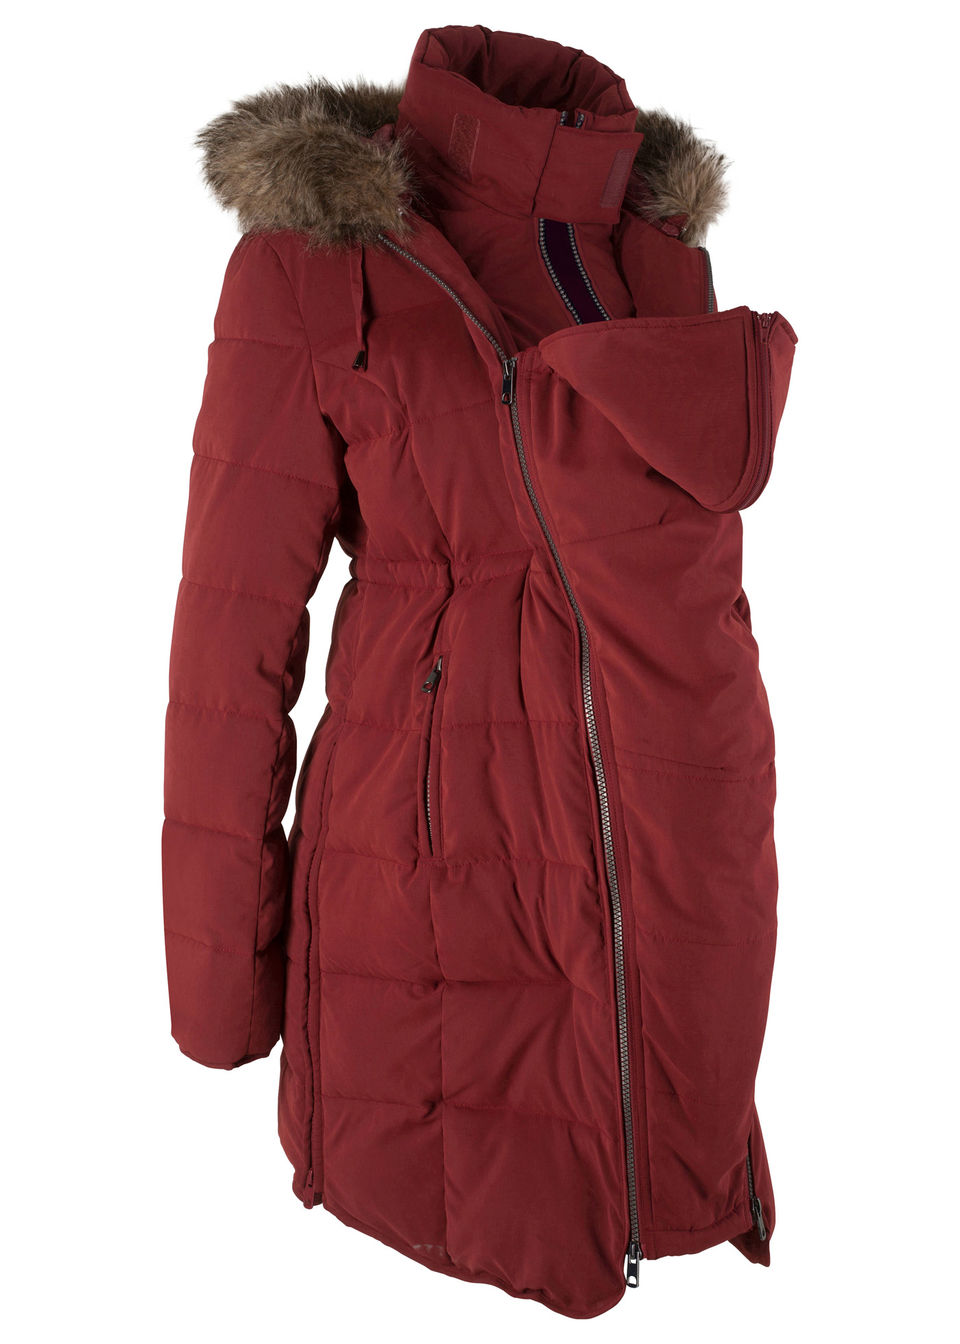 Купить Куртки и плащи, Куртка с карманом-вкладкой для малыша, bonprix, красный каштан